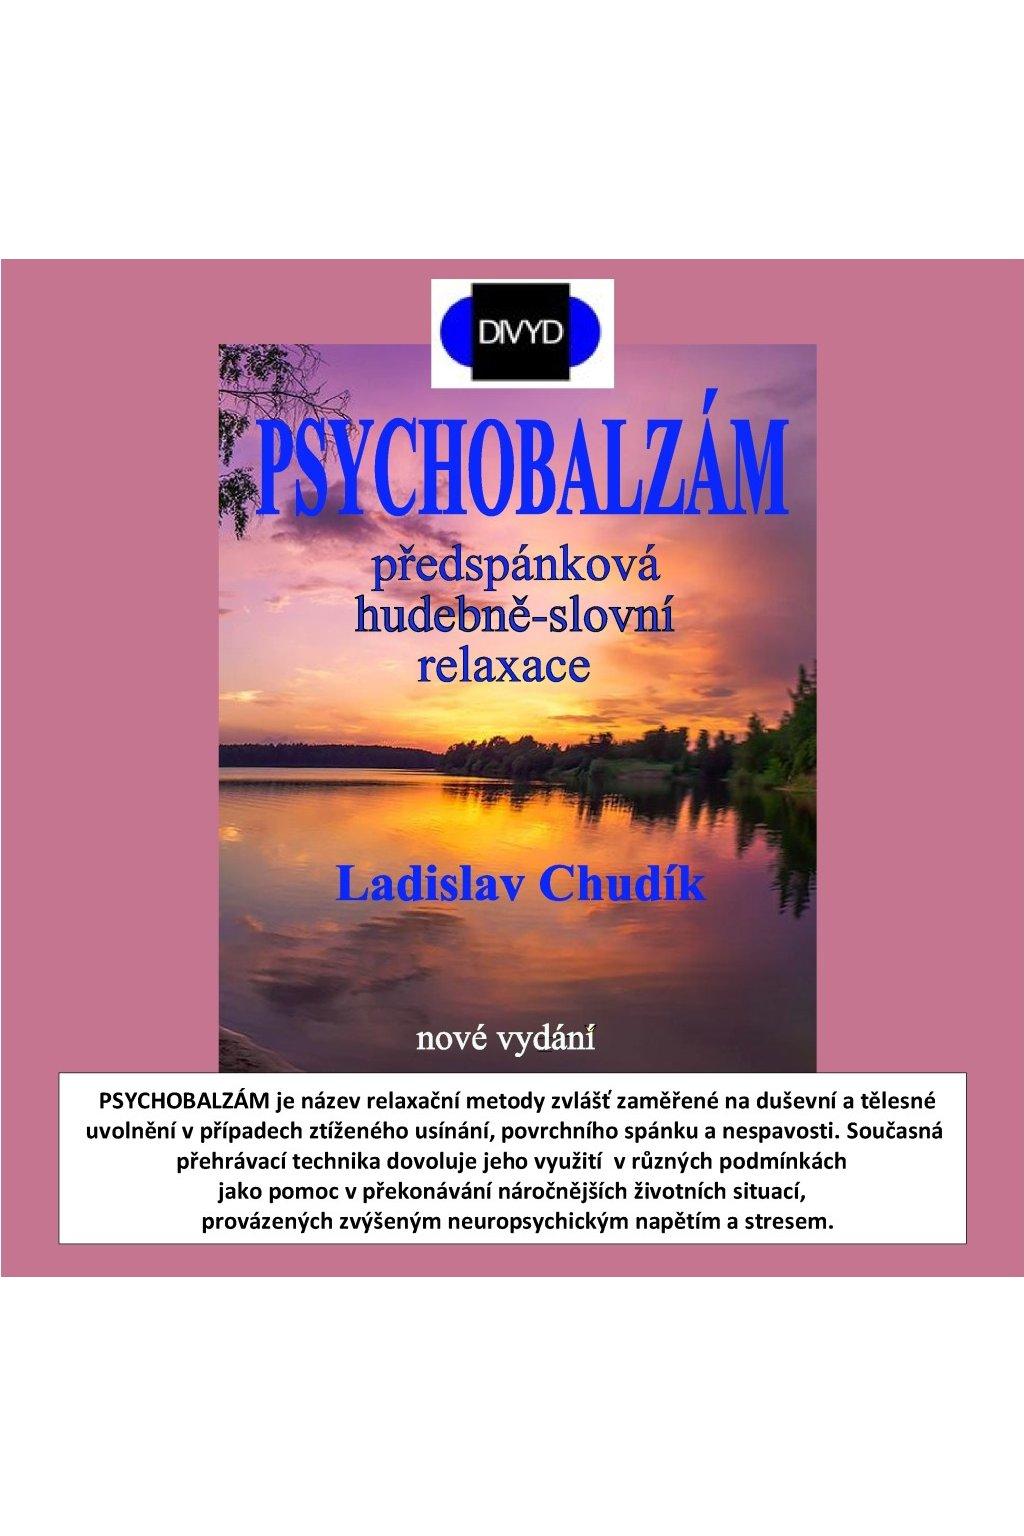 Psychobalzám CZ 1 1024x1018